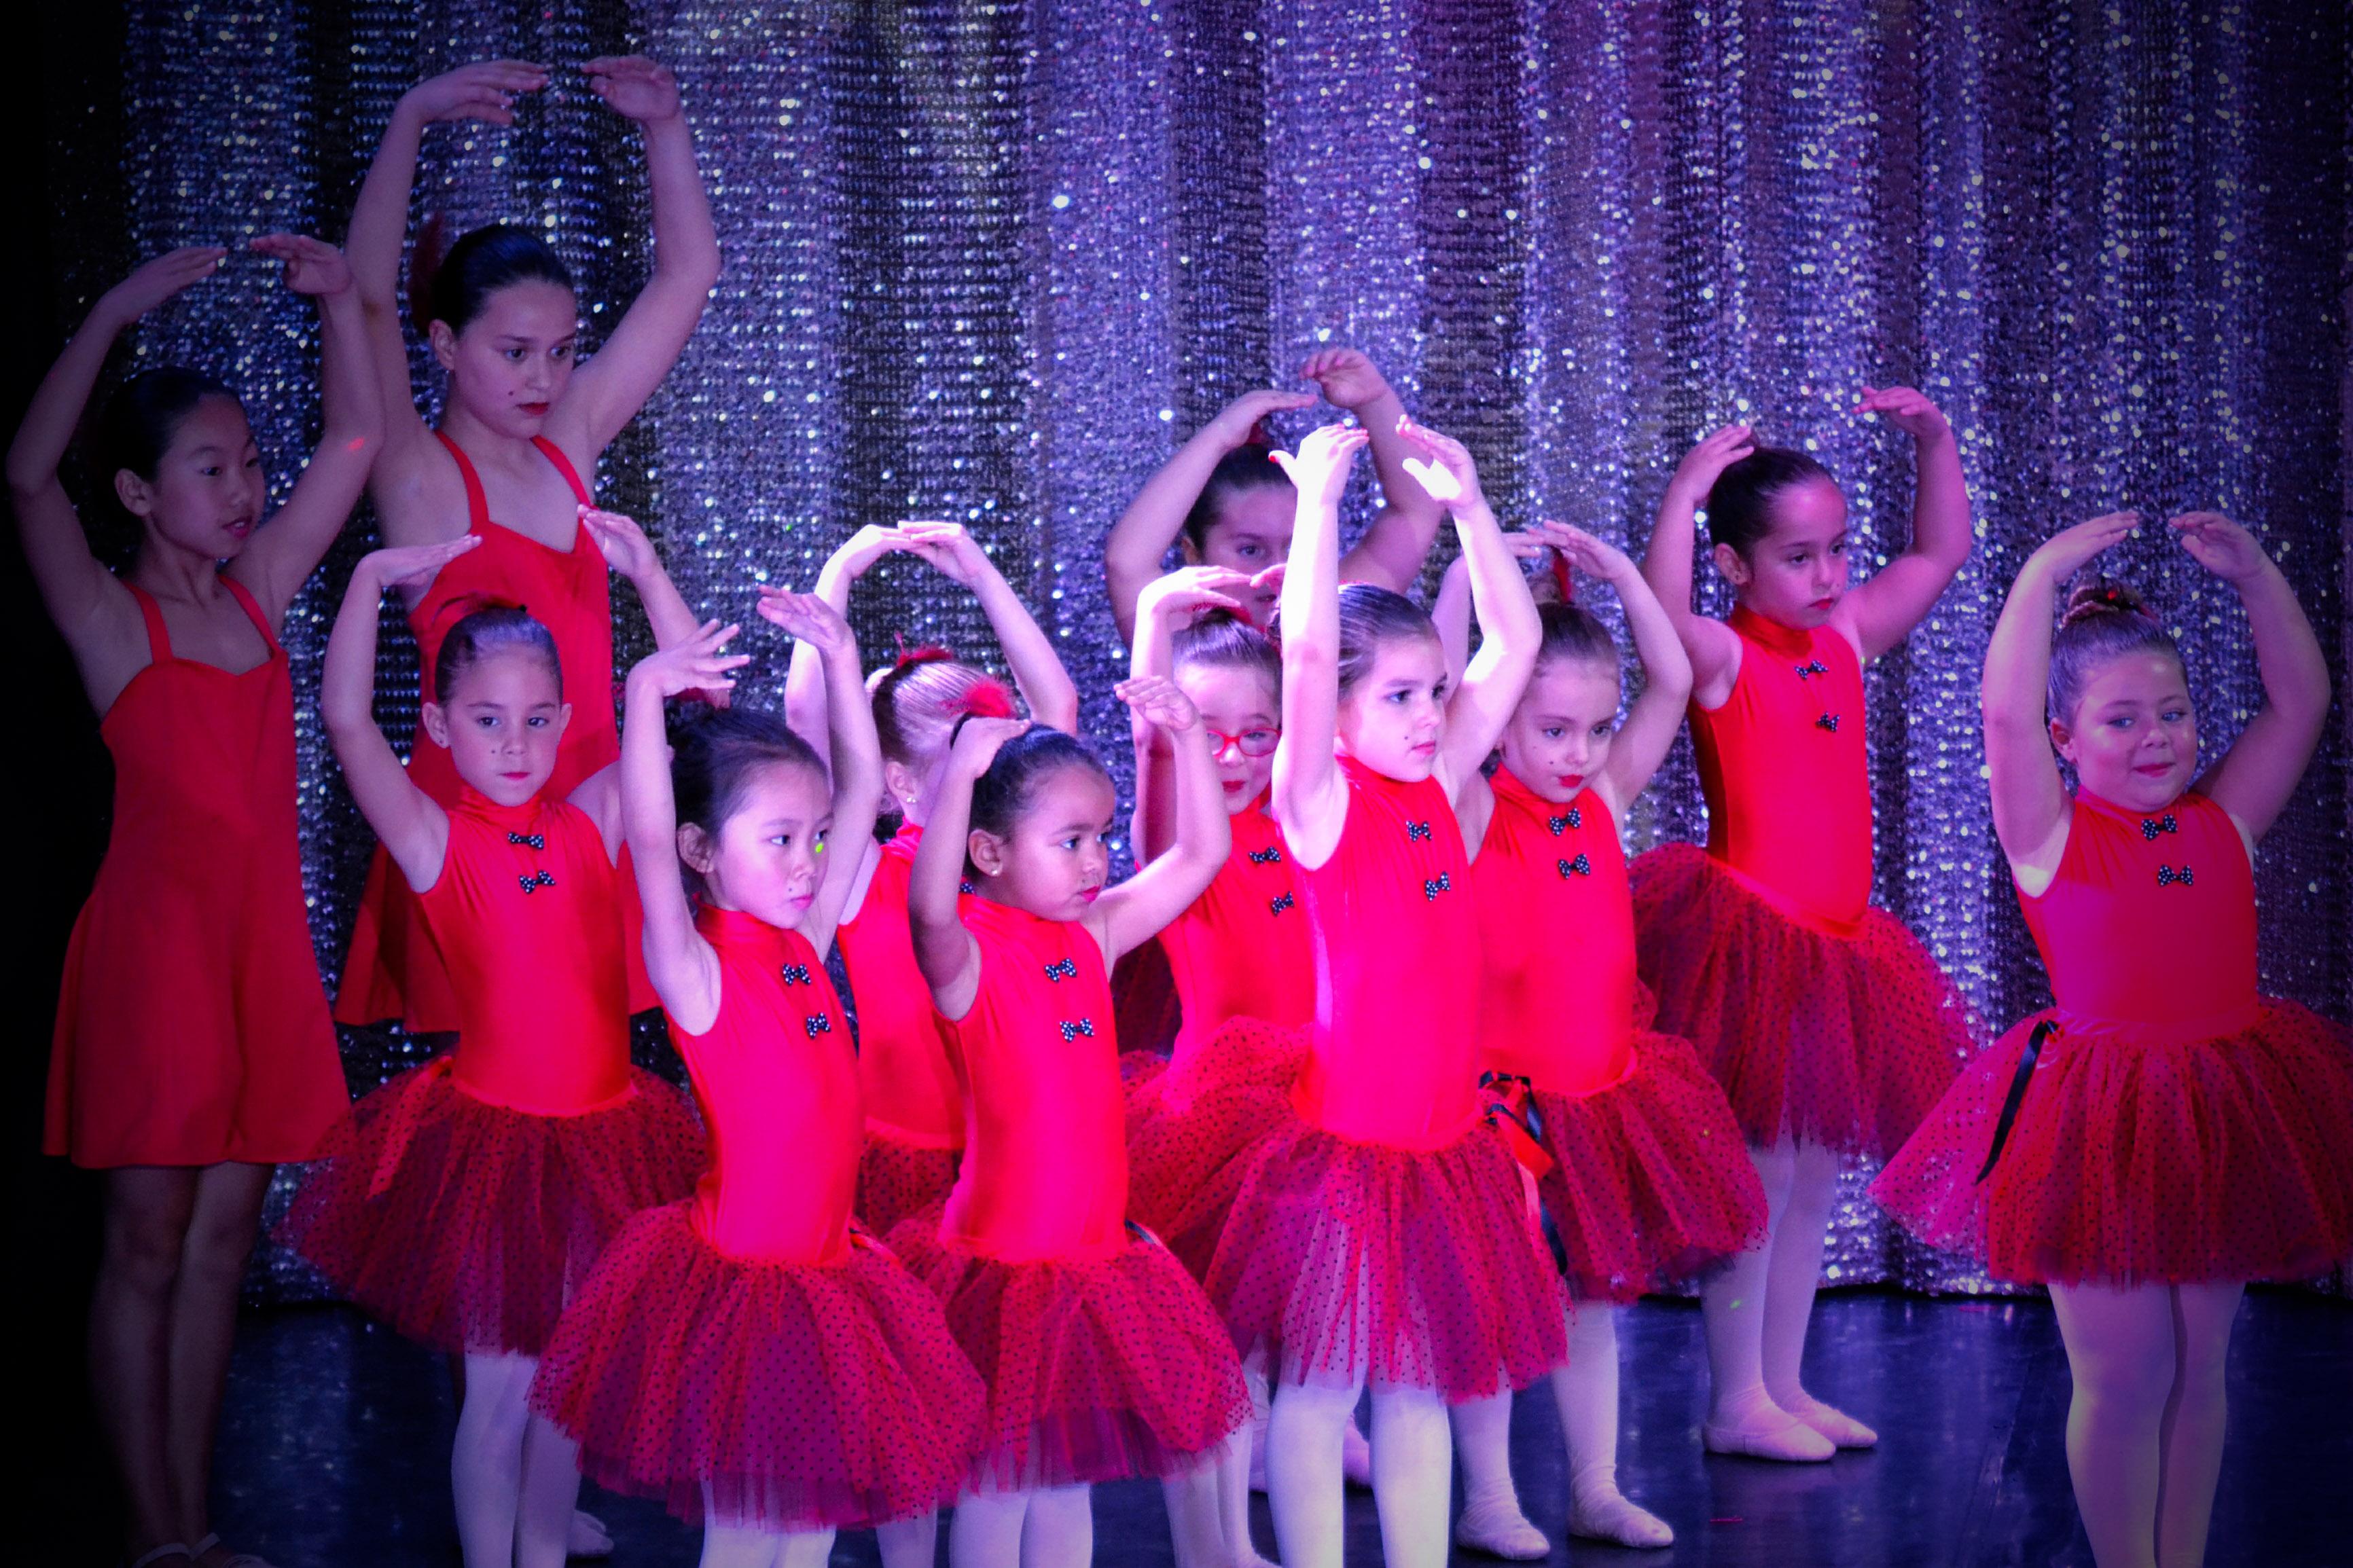 Linea-de-Baile-festival-verano-2015-clases-de-baile-valencia-140